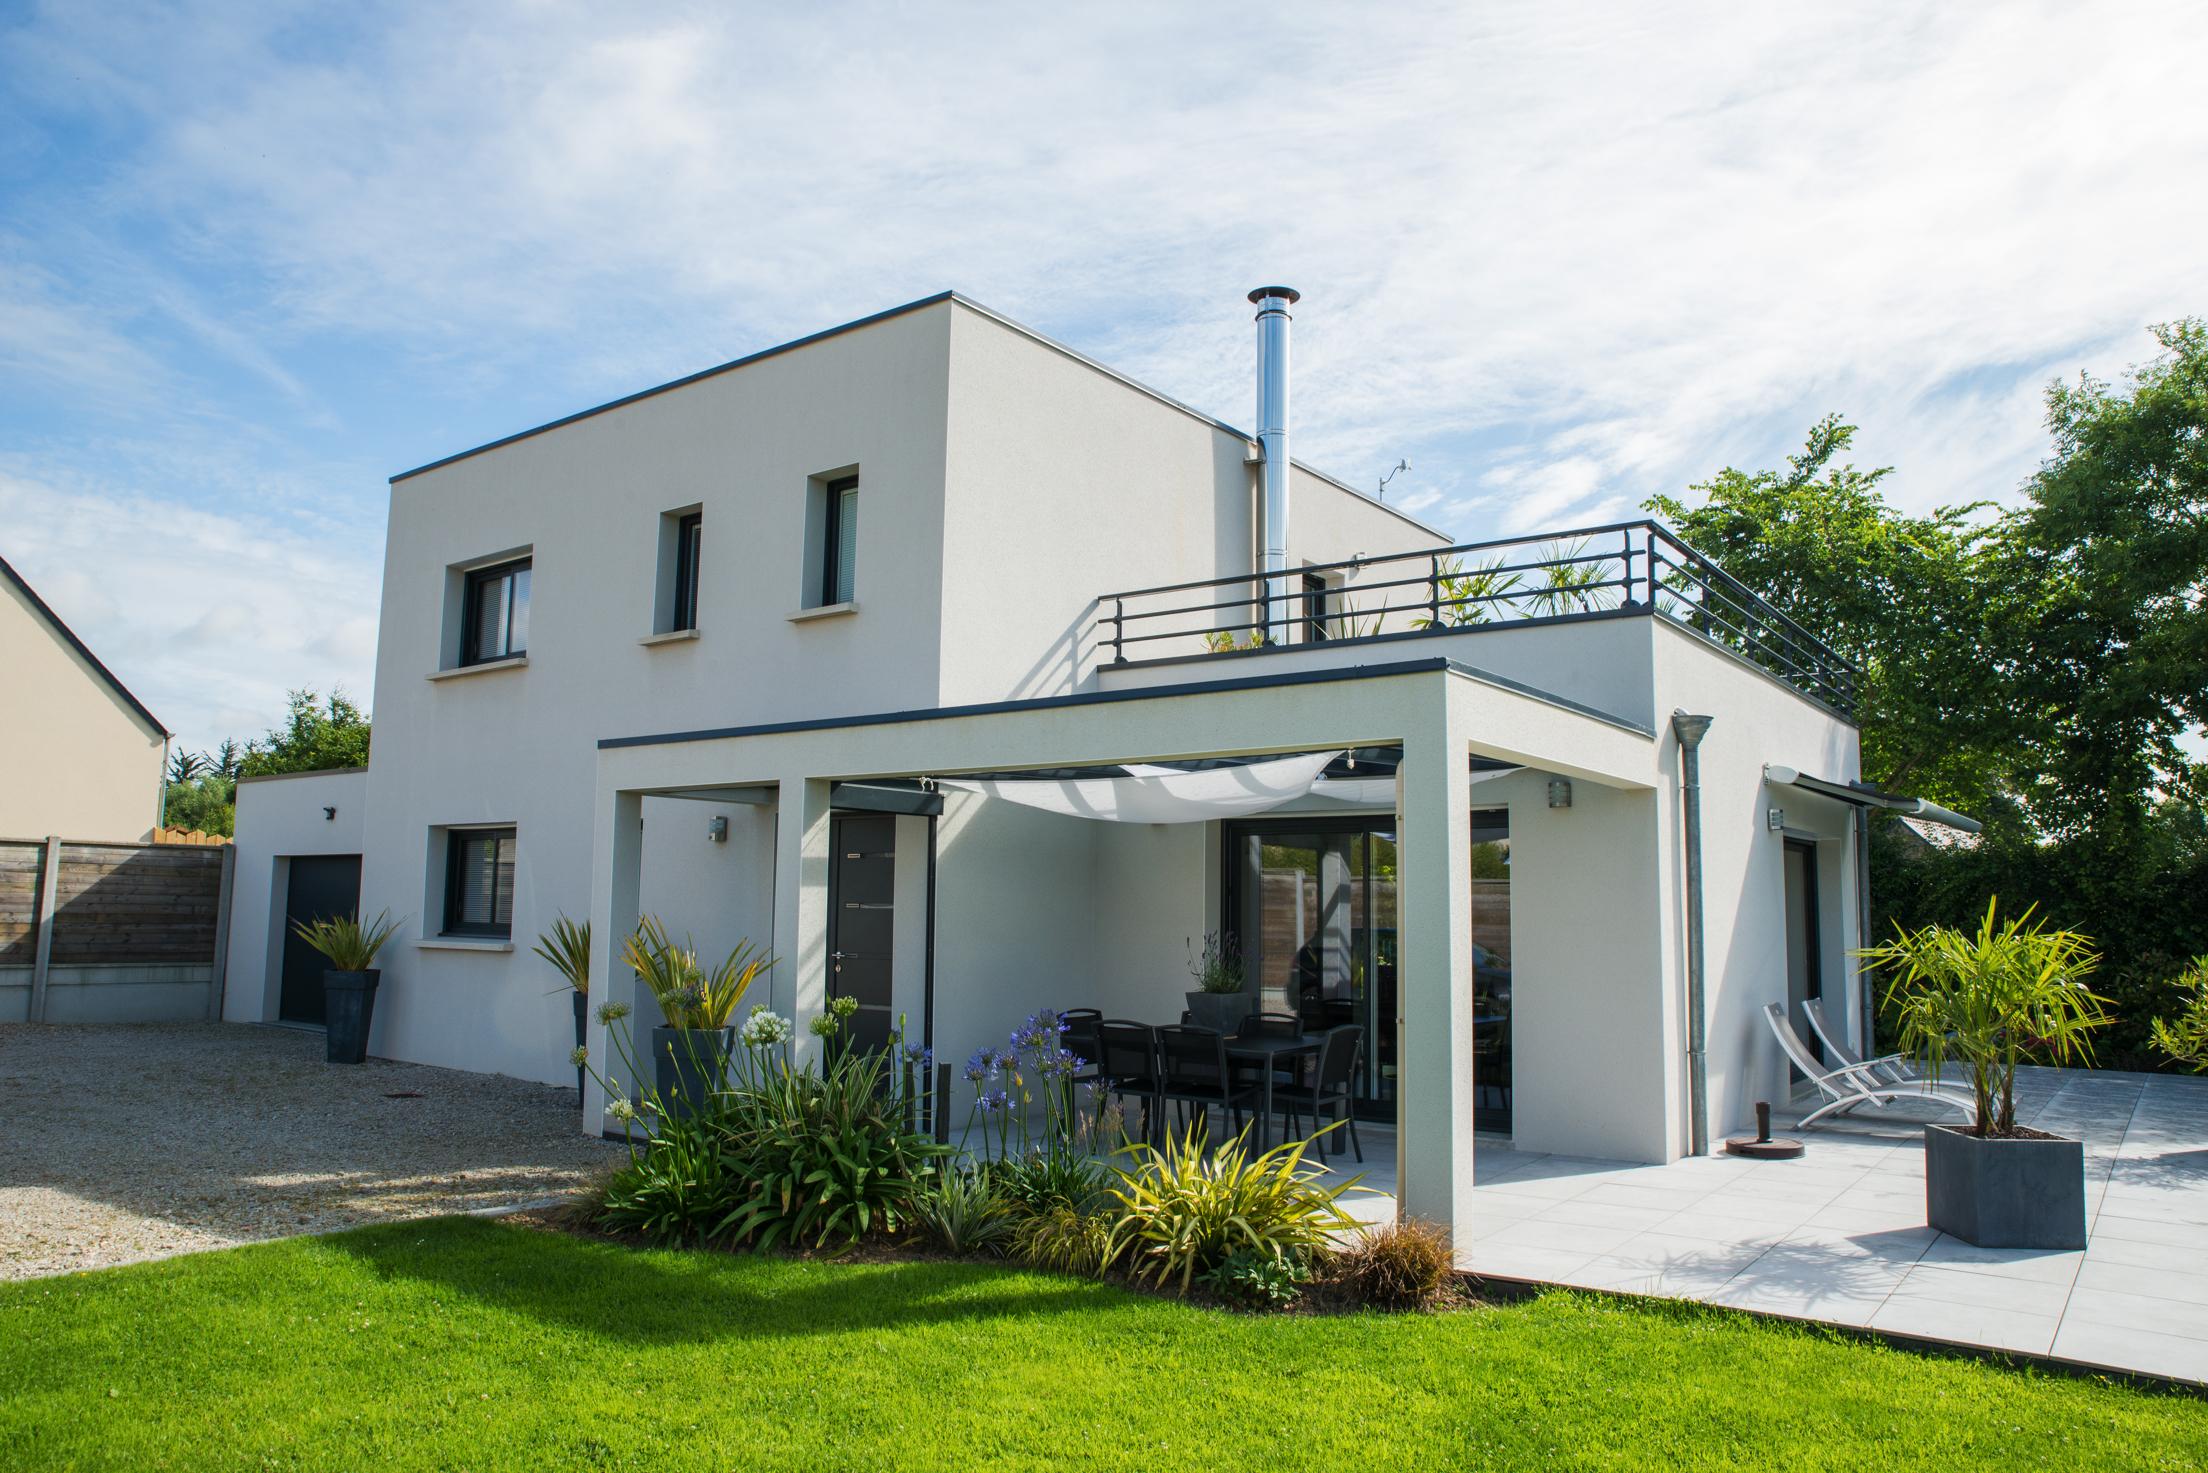 Les maisons delacour constructeur agr maisons de qualit for Constructeur de maison 81